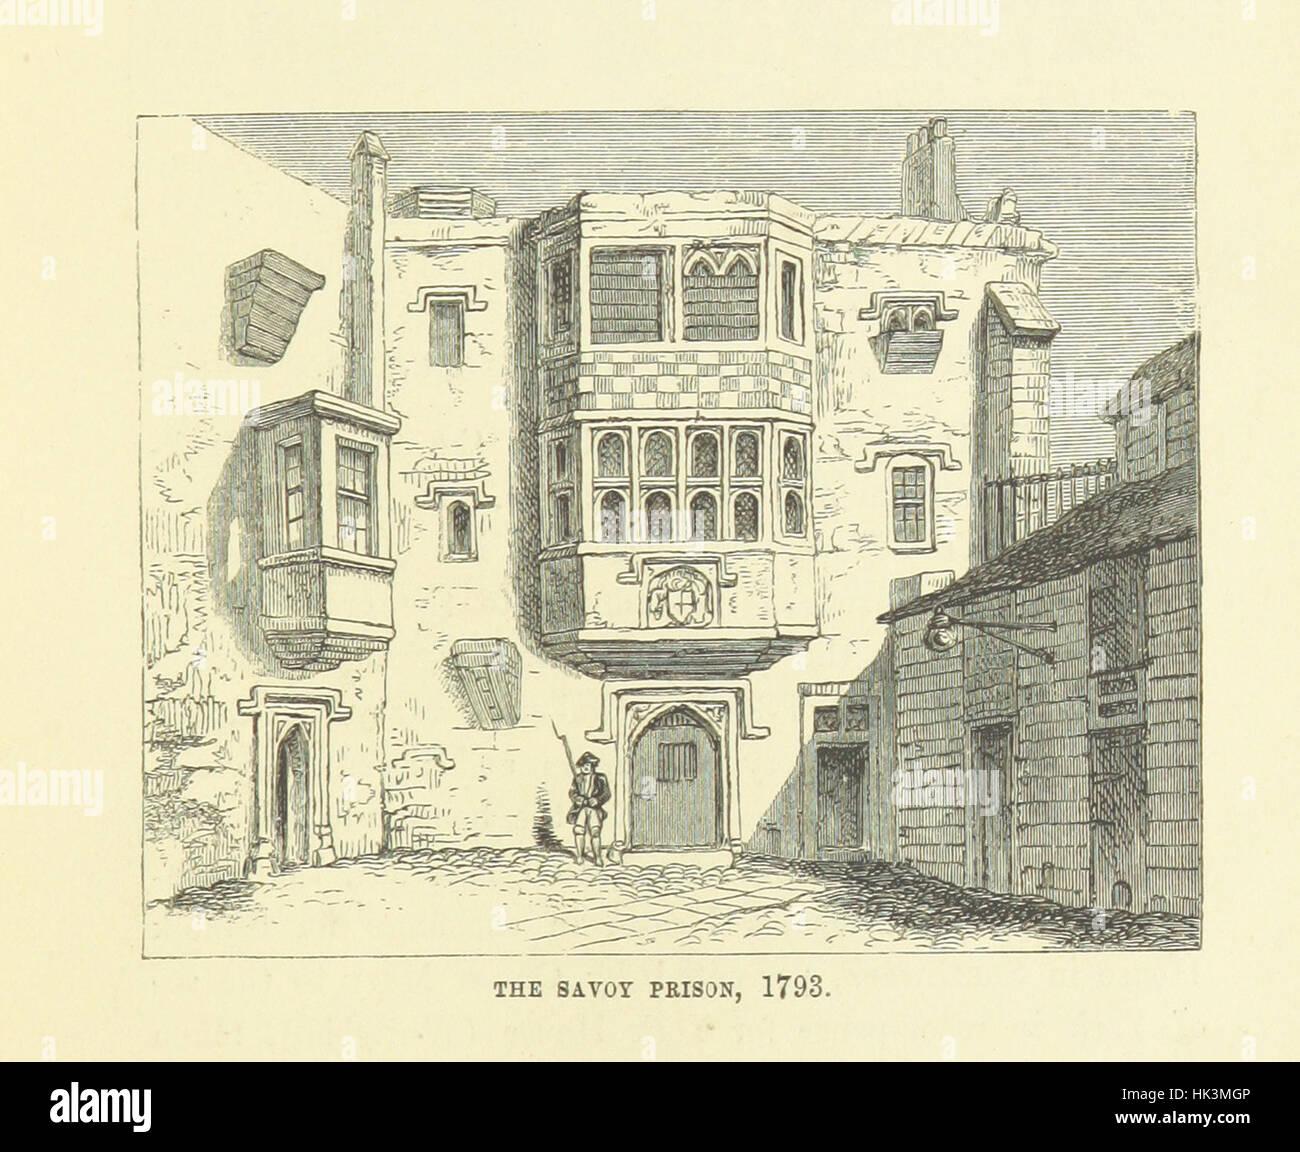 """Haunted Londres ... Ilustrado por F. W. Fairholt imagen tomada de la página 157 de """"Haunted London Imagen De Stock"""